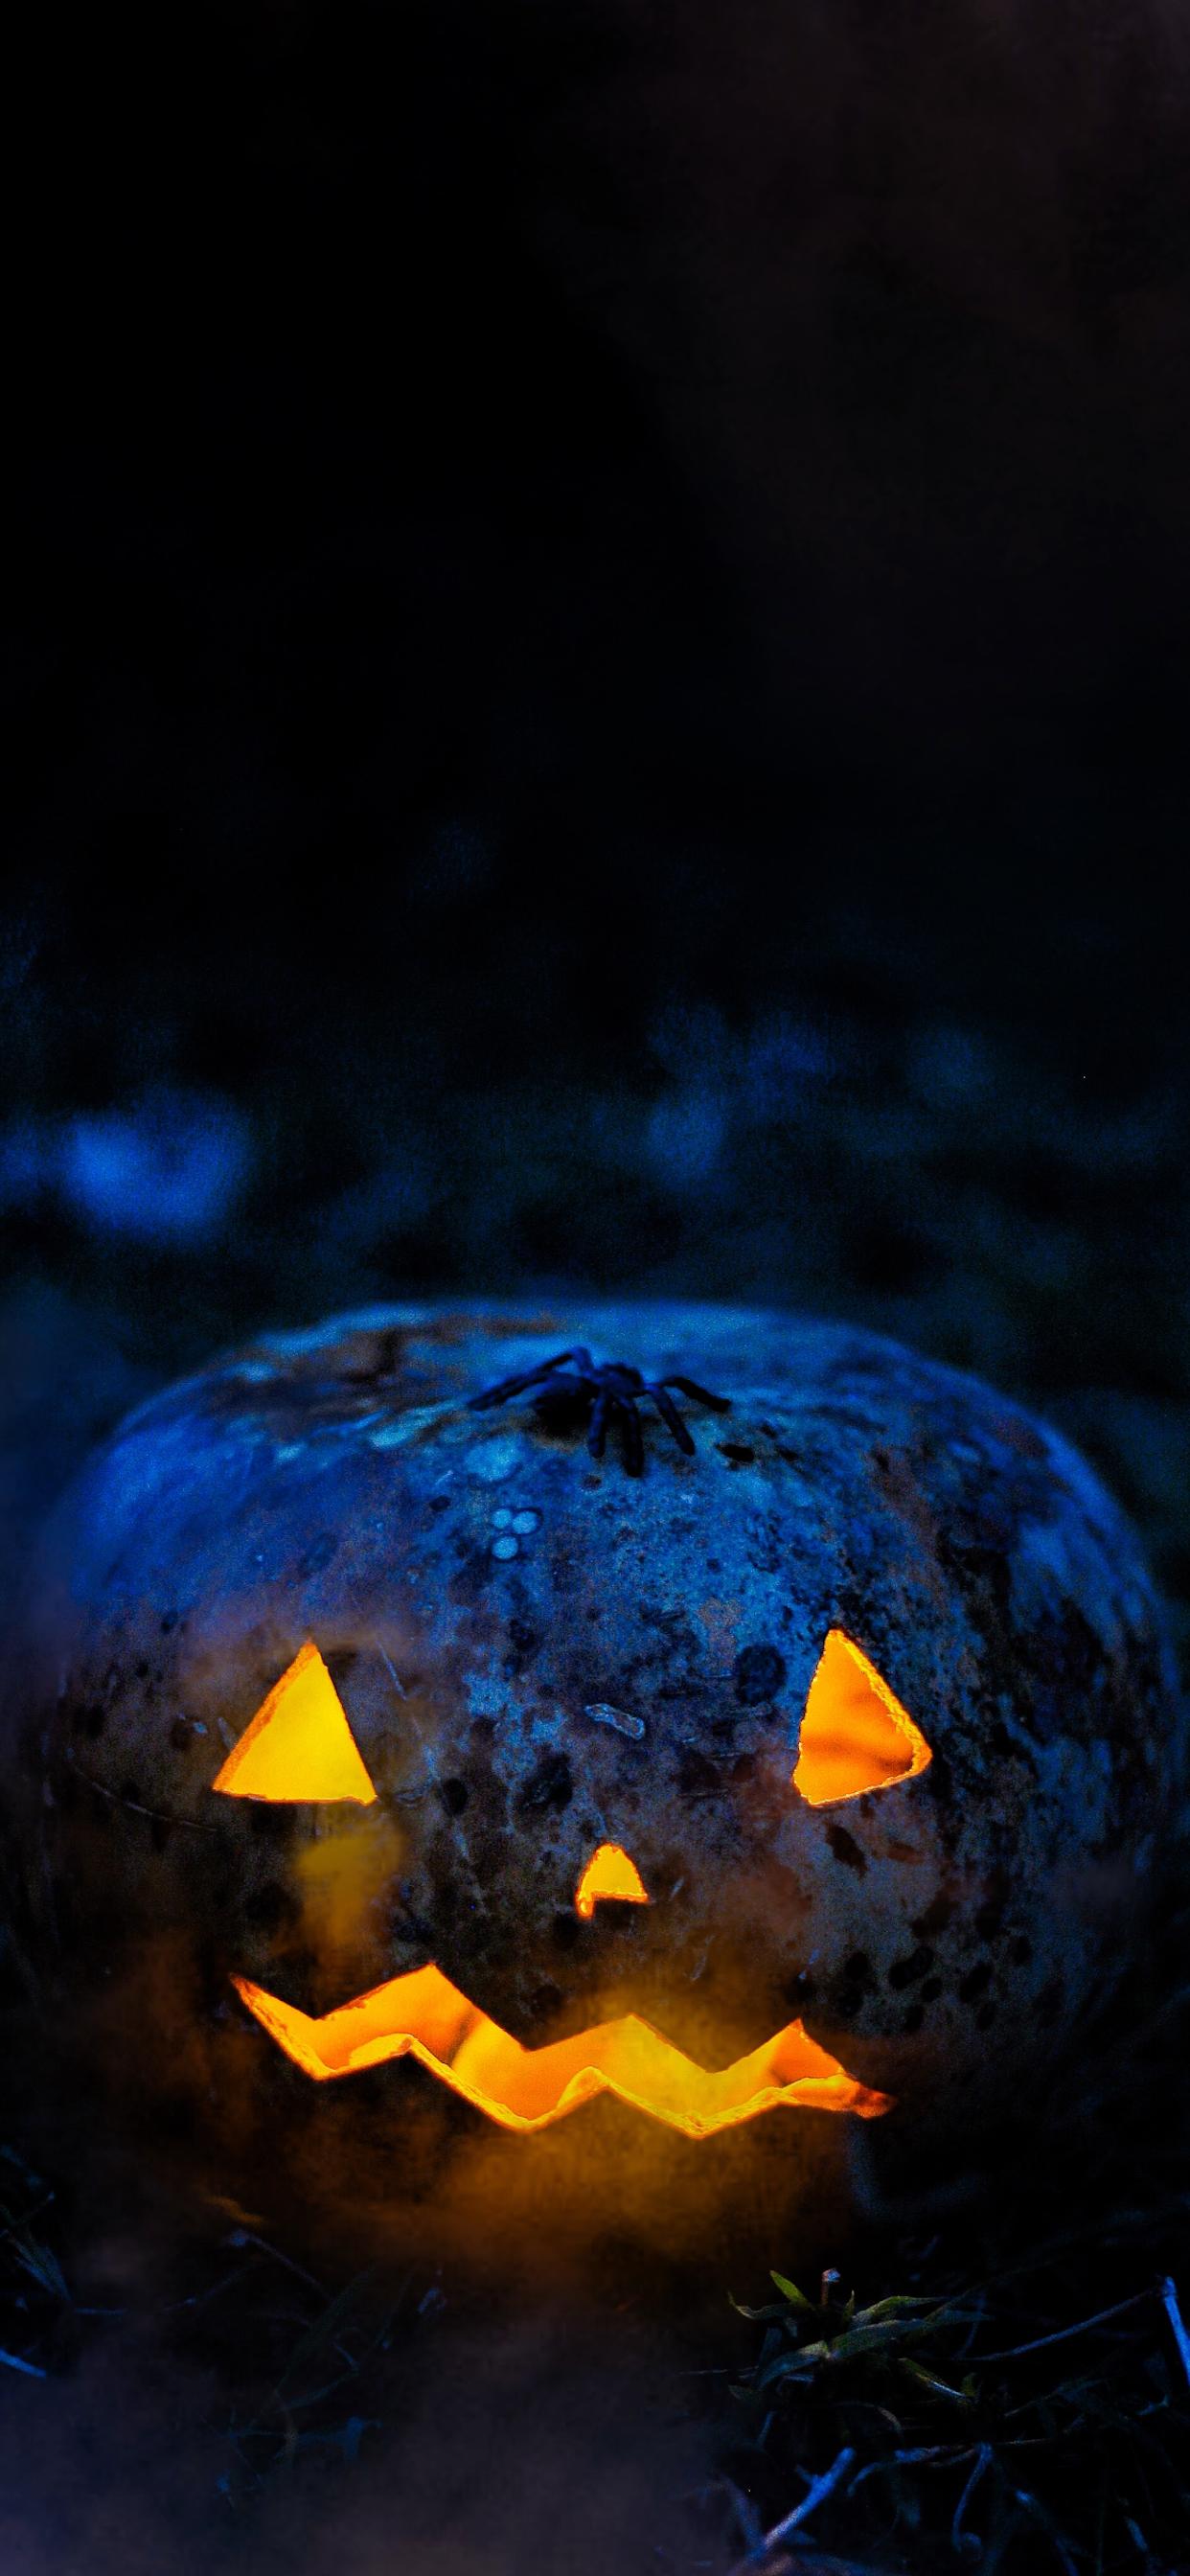 iPhone wallpapers halloween pumpkin spider Halloween